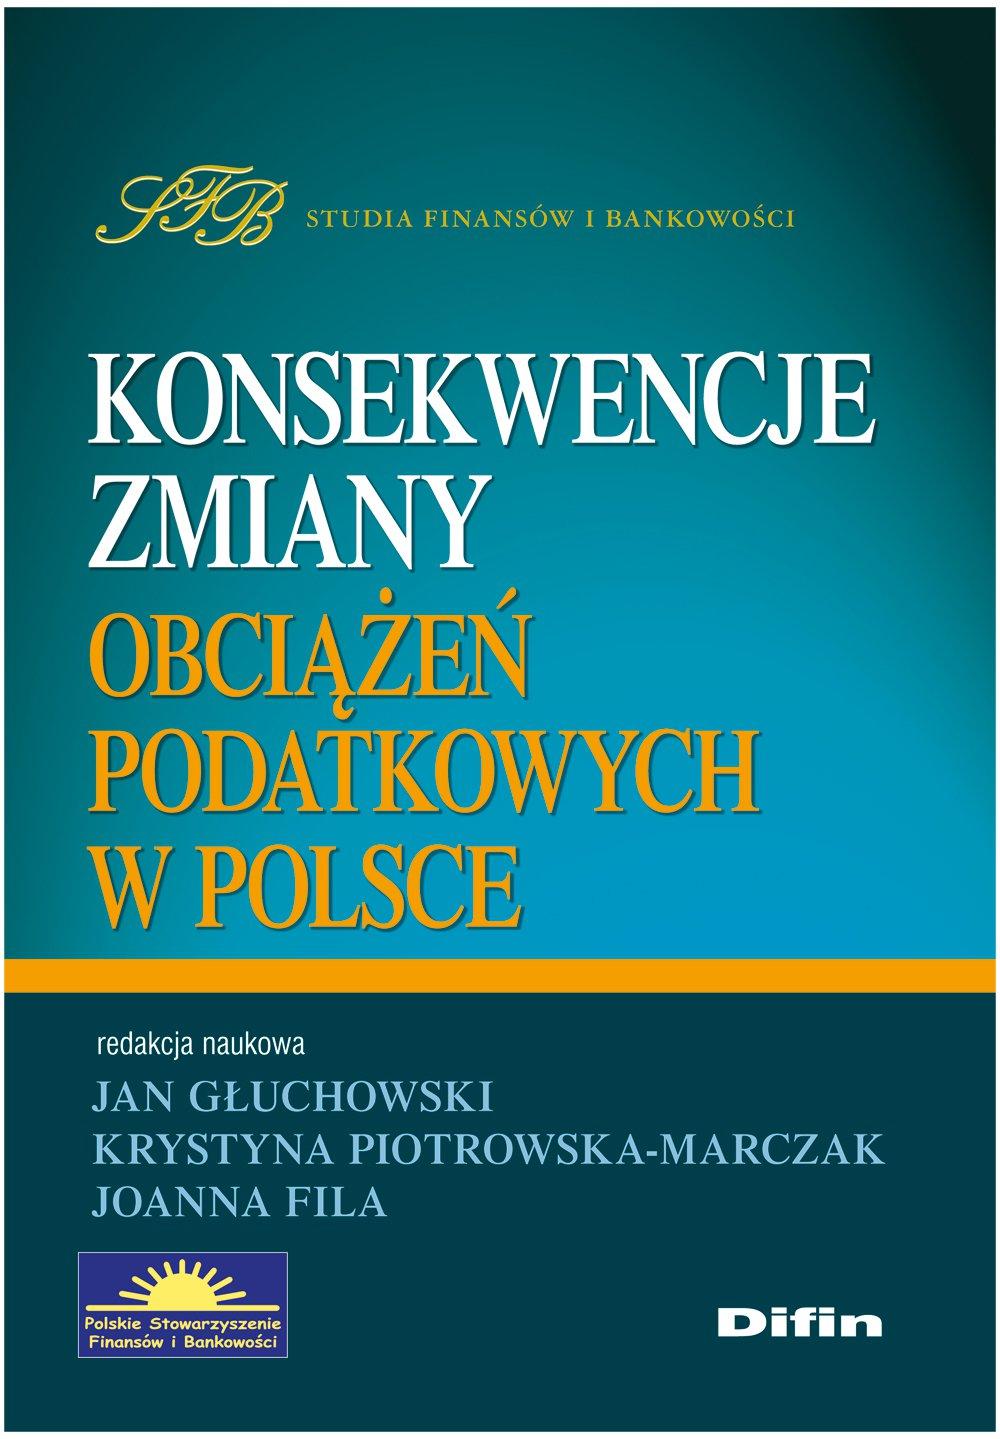 Konsekwencje zmiany obciążeń podatkowych w Polsce - Ebook (Książka PDF) do pobrania w formacie PDF